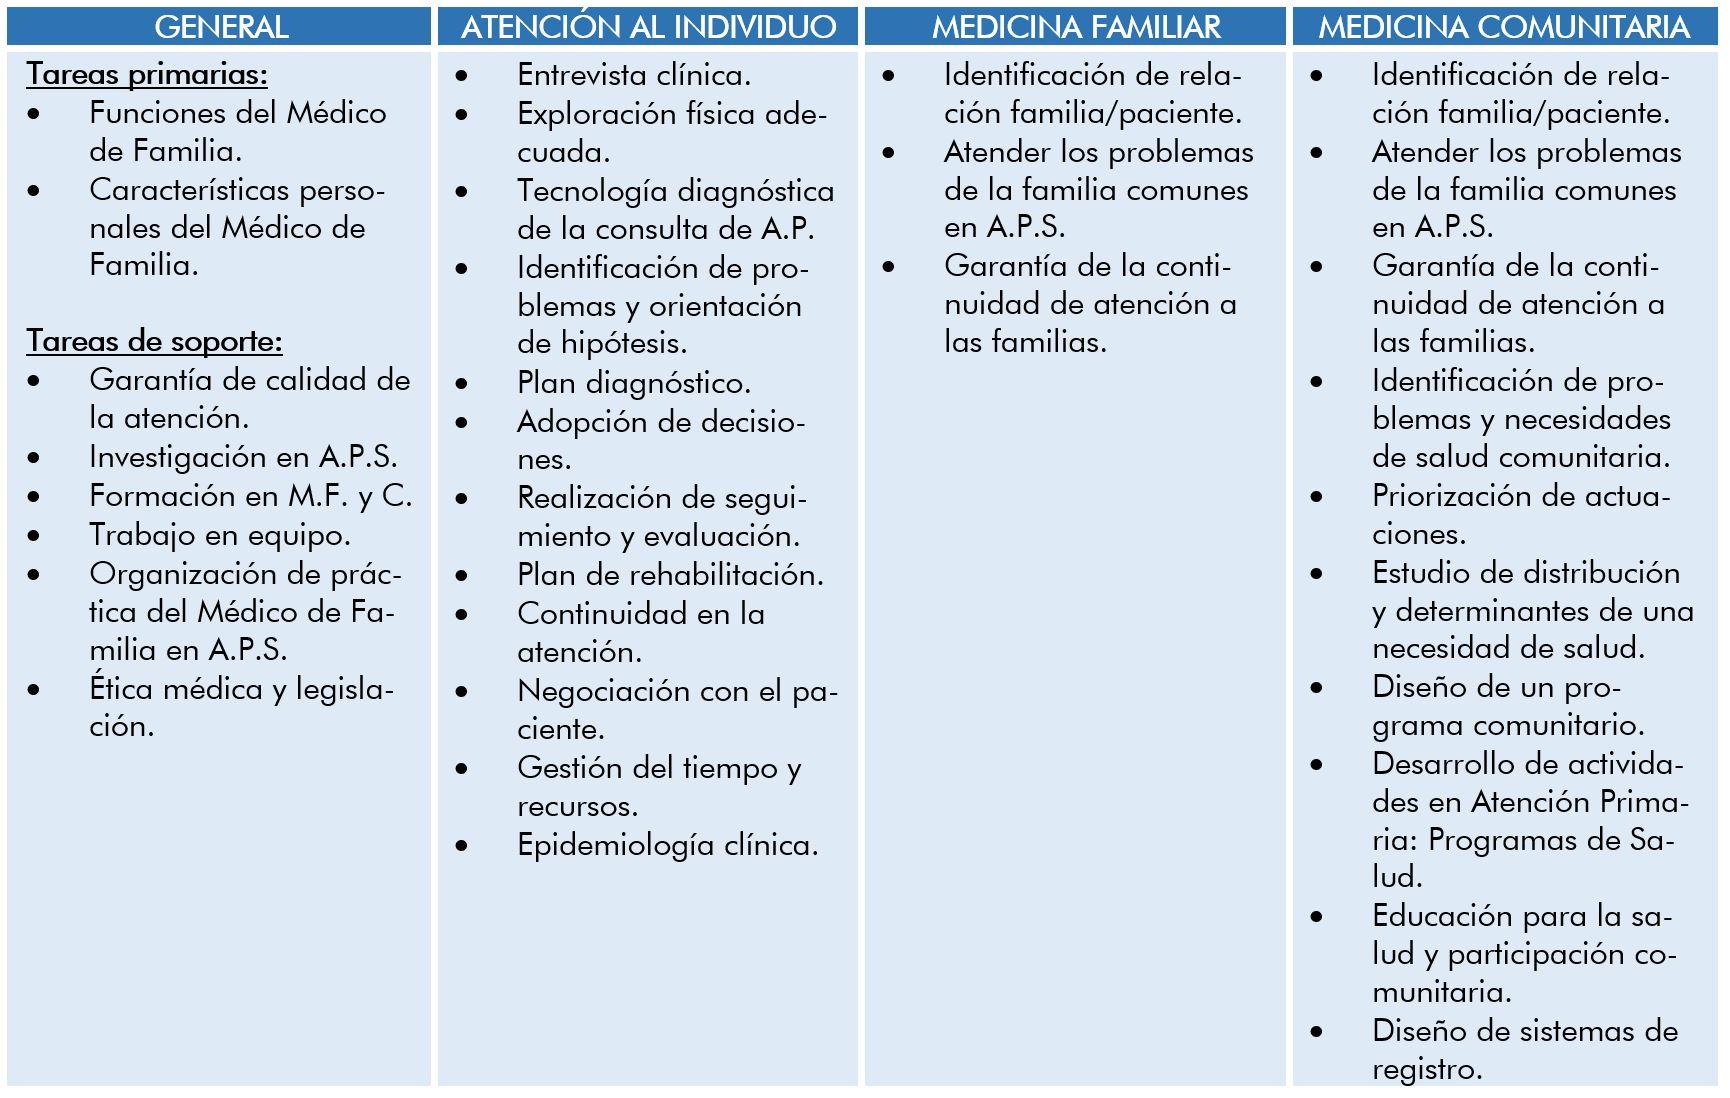 Medicina Familiar y Comunitaria - Generalidades